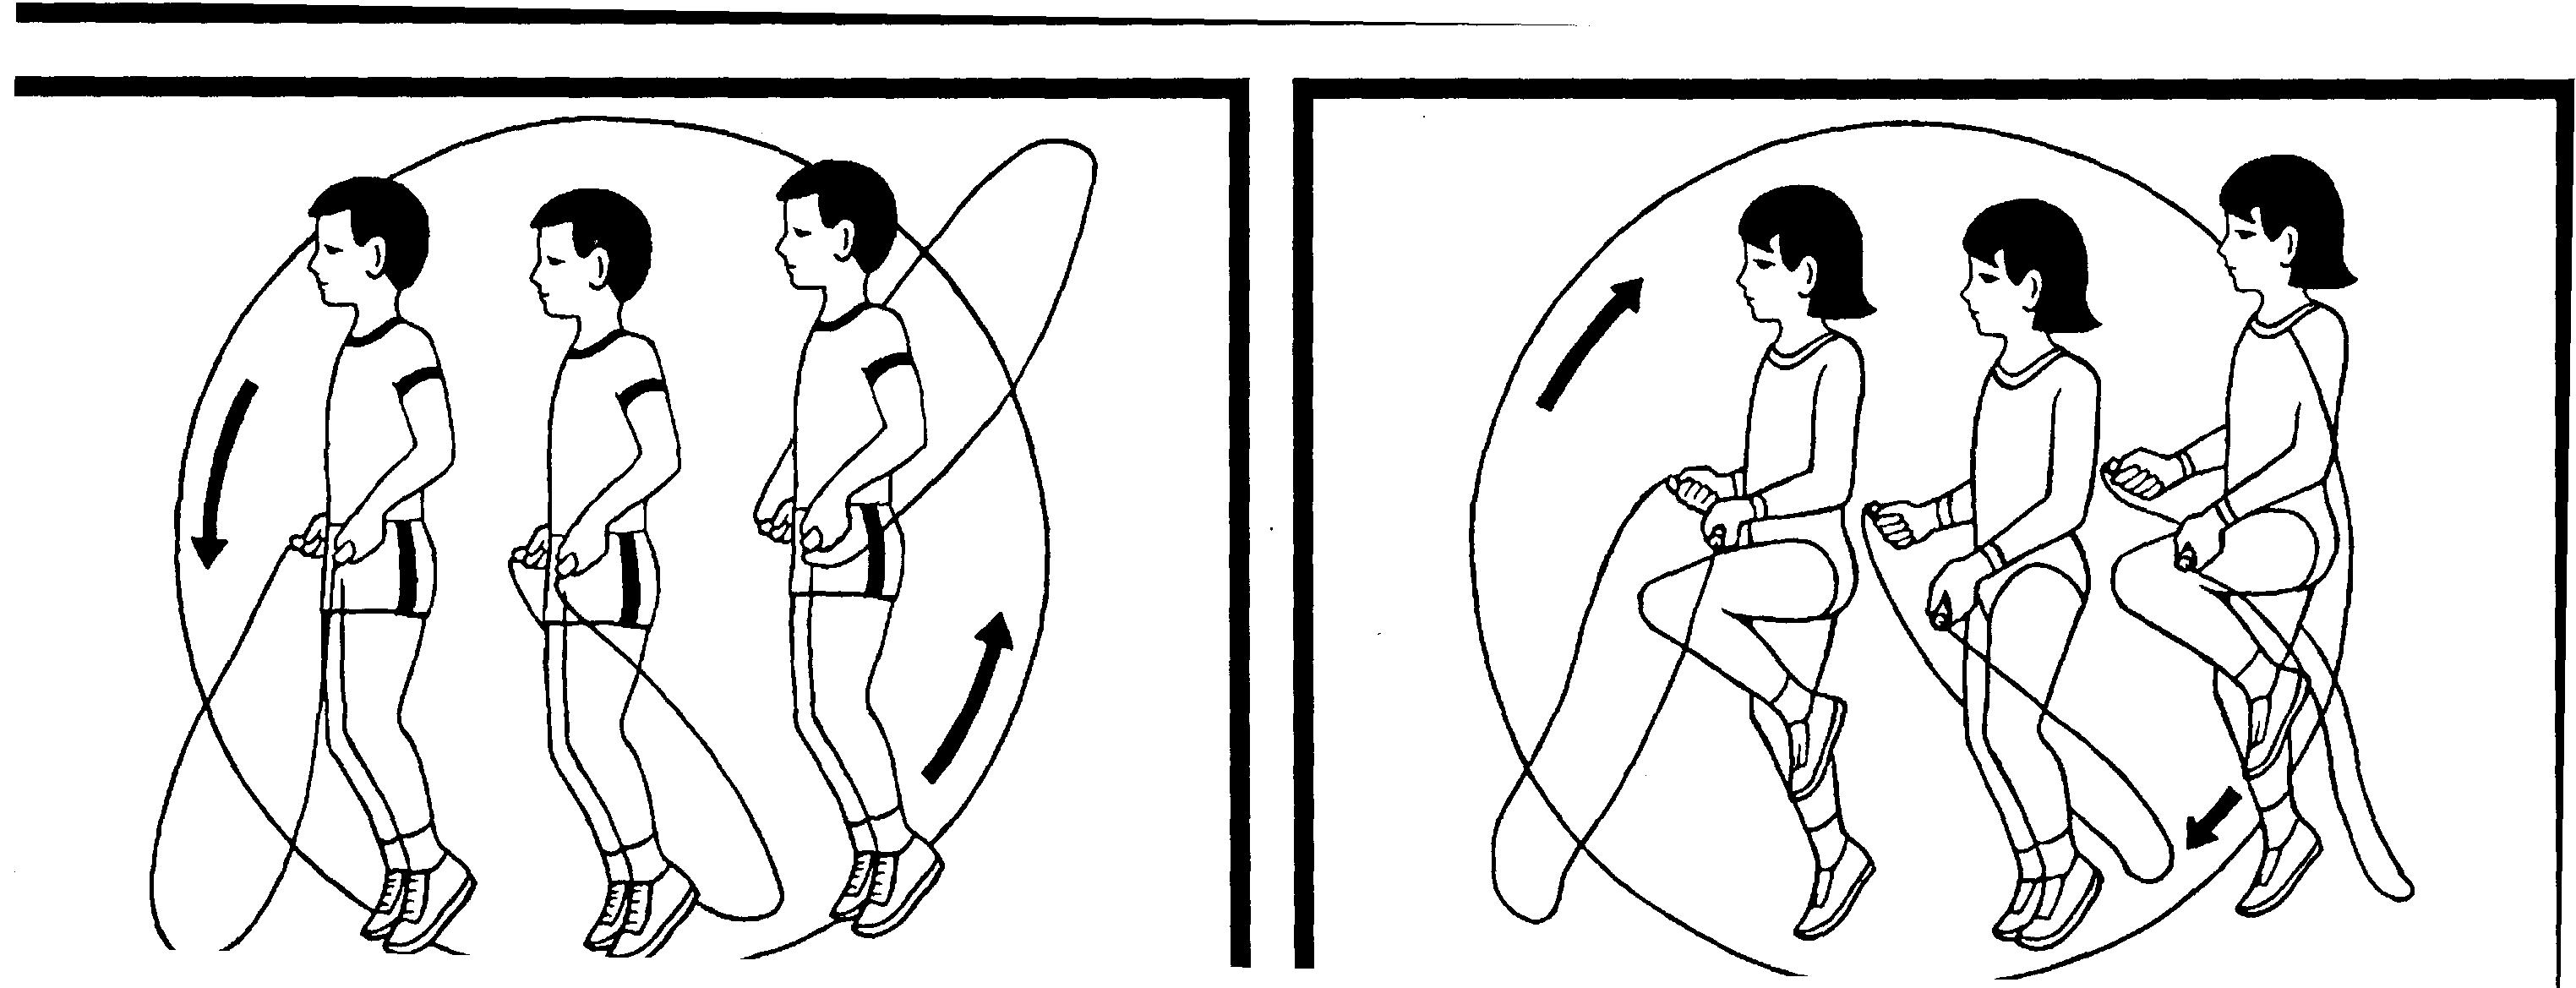 Виды скакалок: как правильно выбрать скакалку по росту